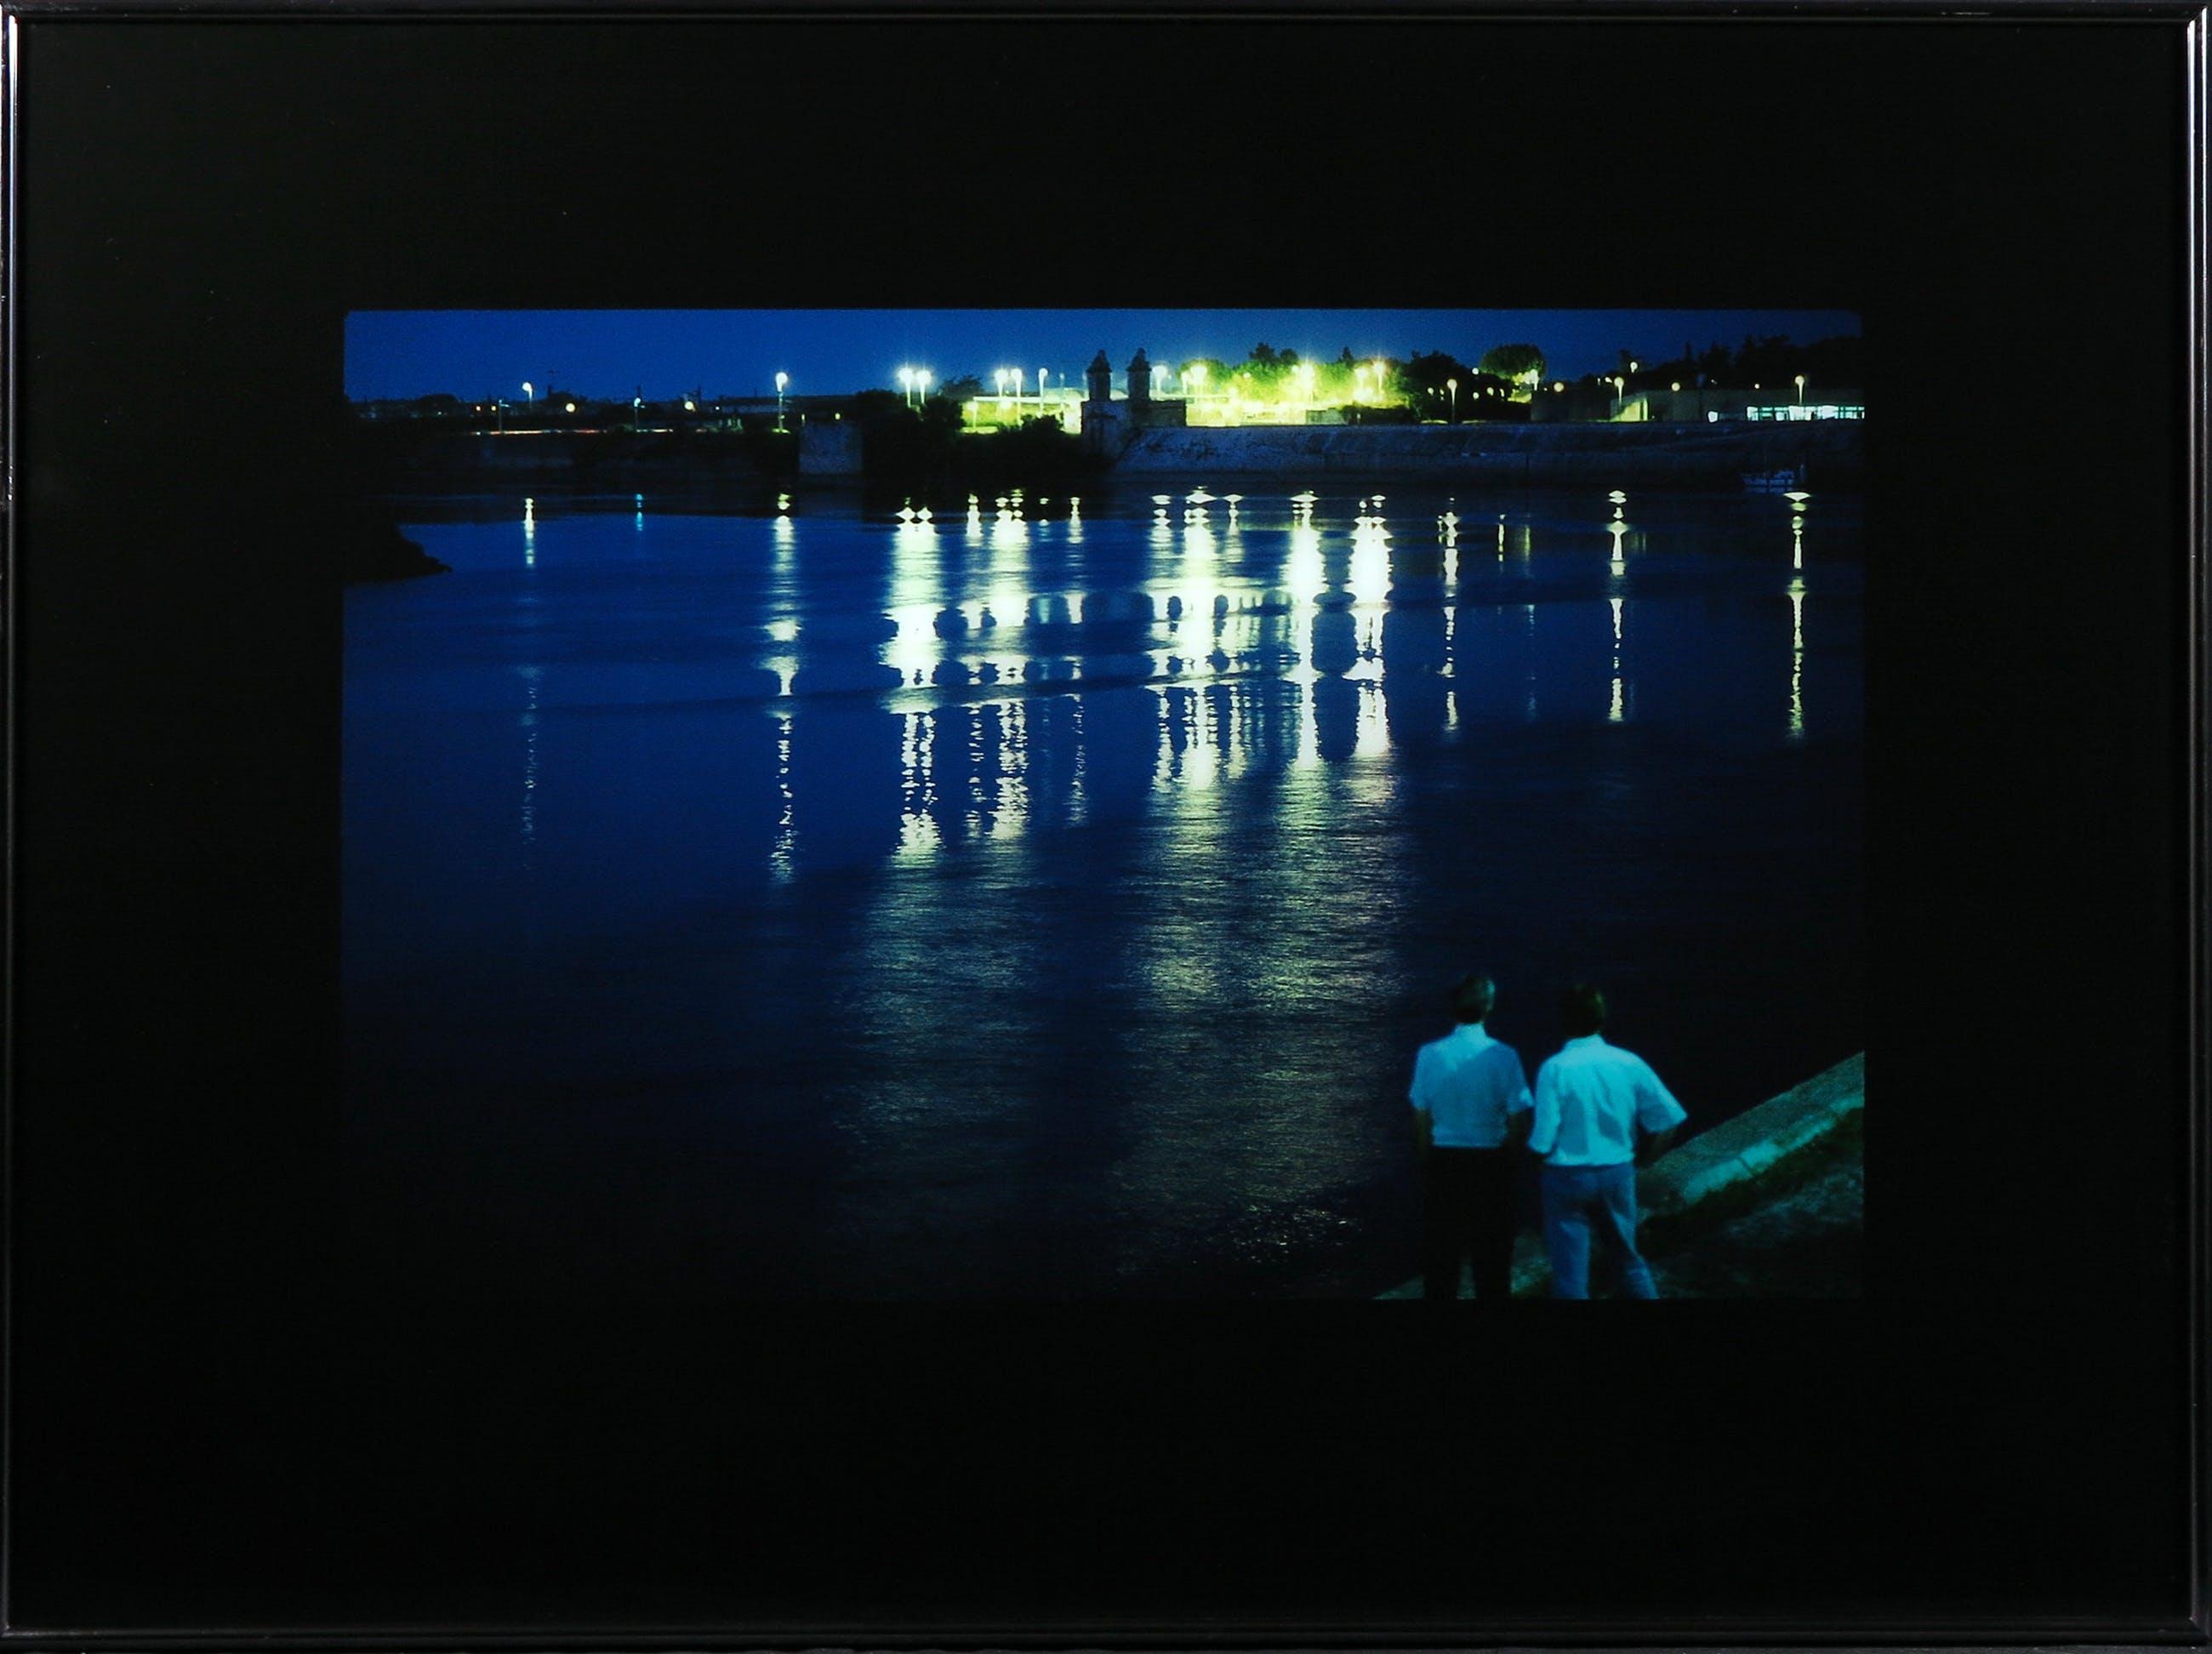 Paul Huf - Foto, Nightview - Ingelijst kopen? Bied vanaf 1!